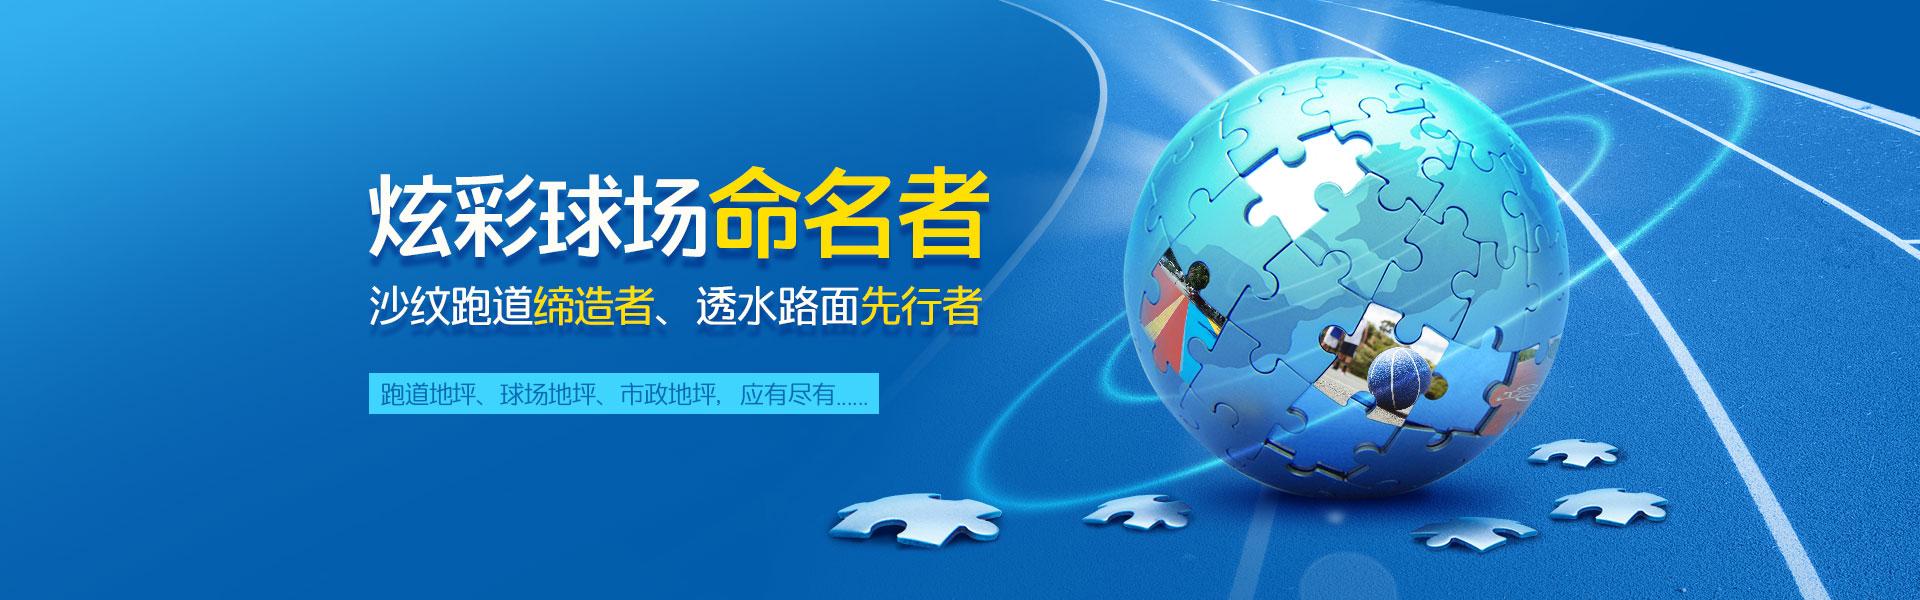 地球科技感banner